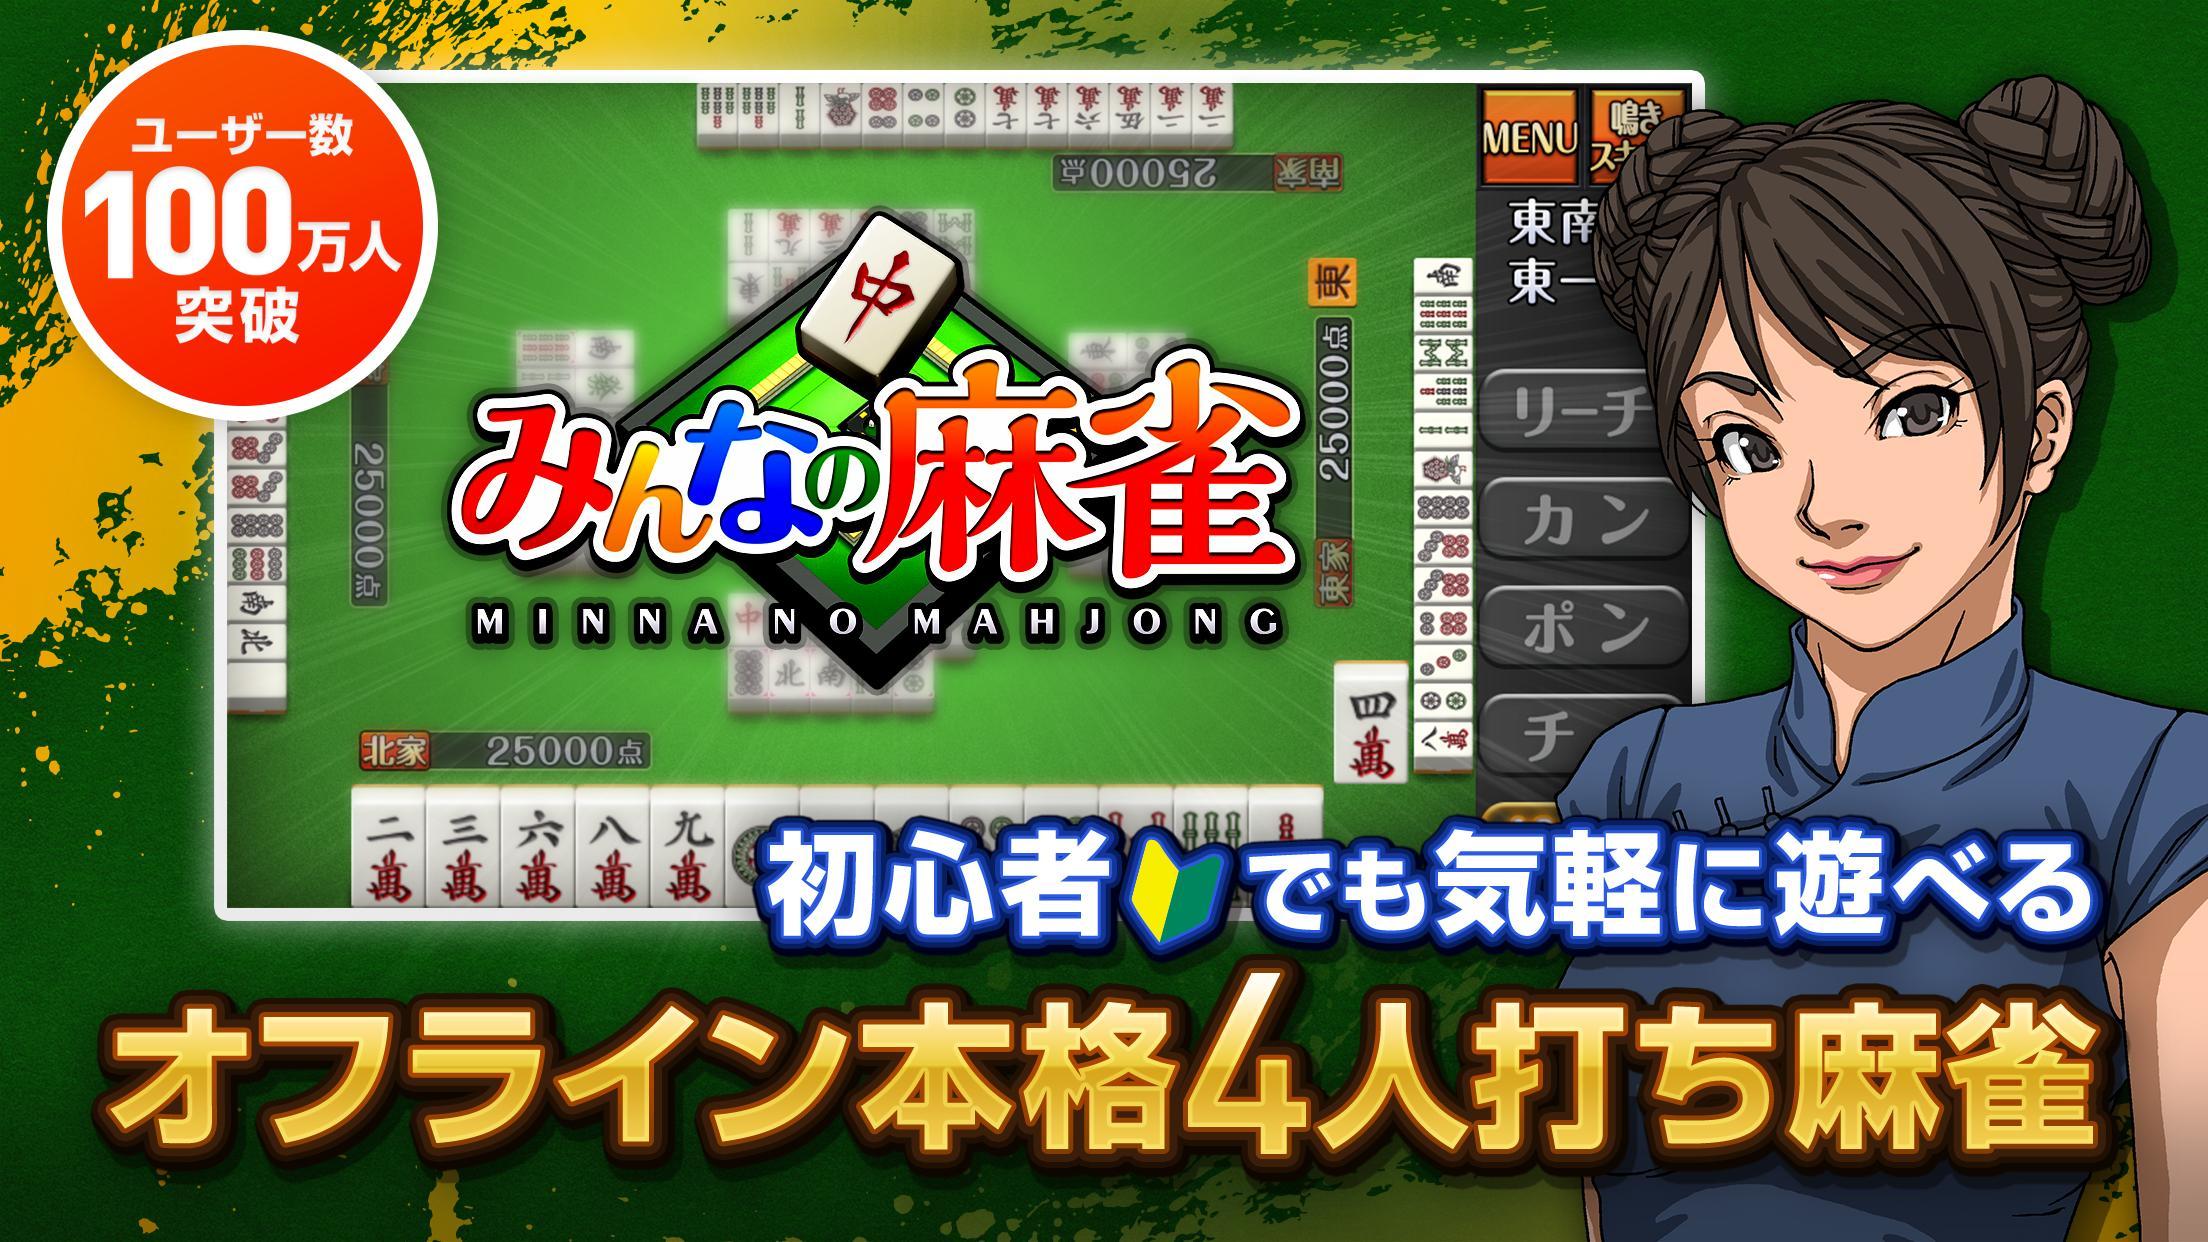 みんなの麻雀 初心者も強くなれるランキング戦が楽しい本格麻雀【無料】 1.1.12 Screenshot 1